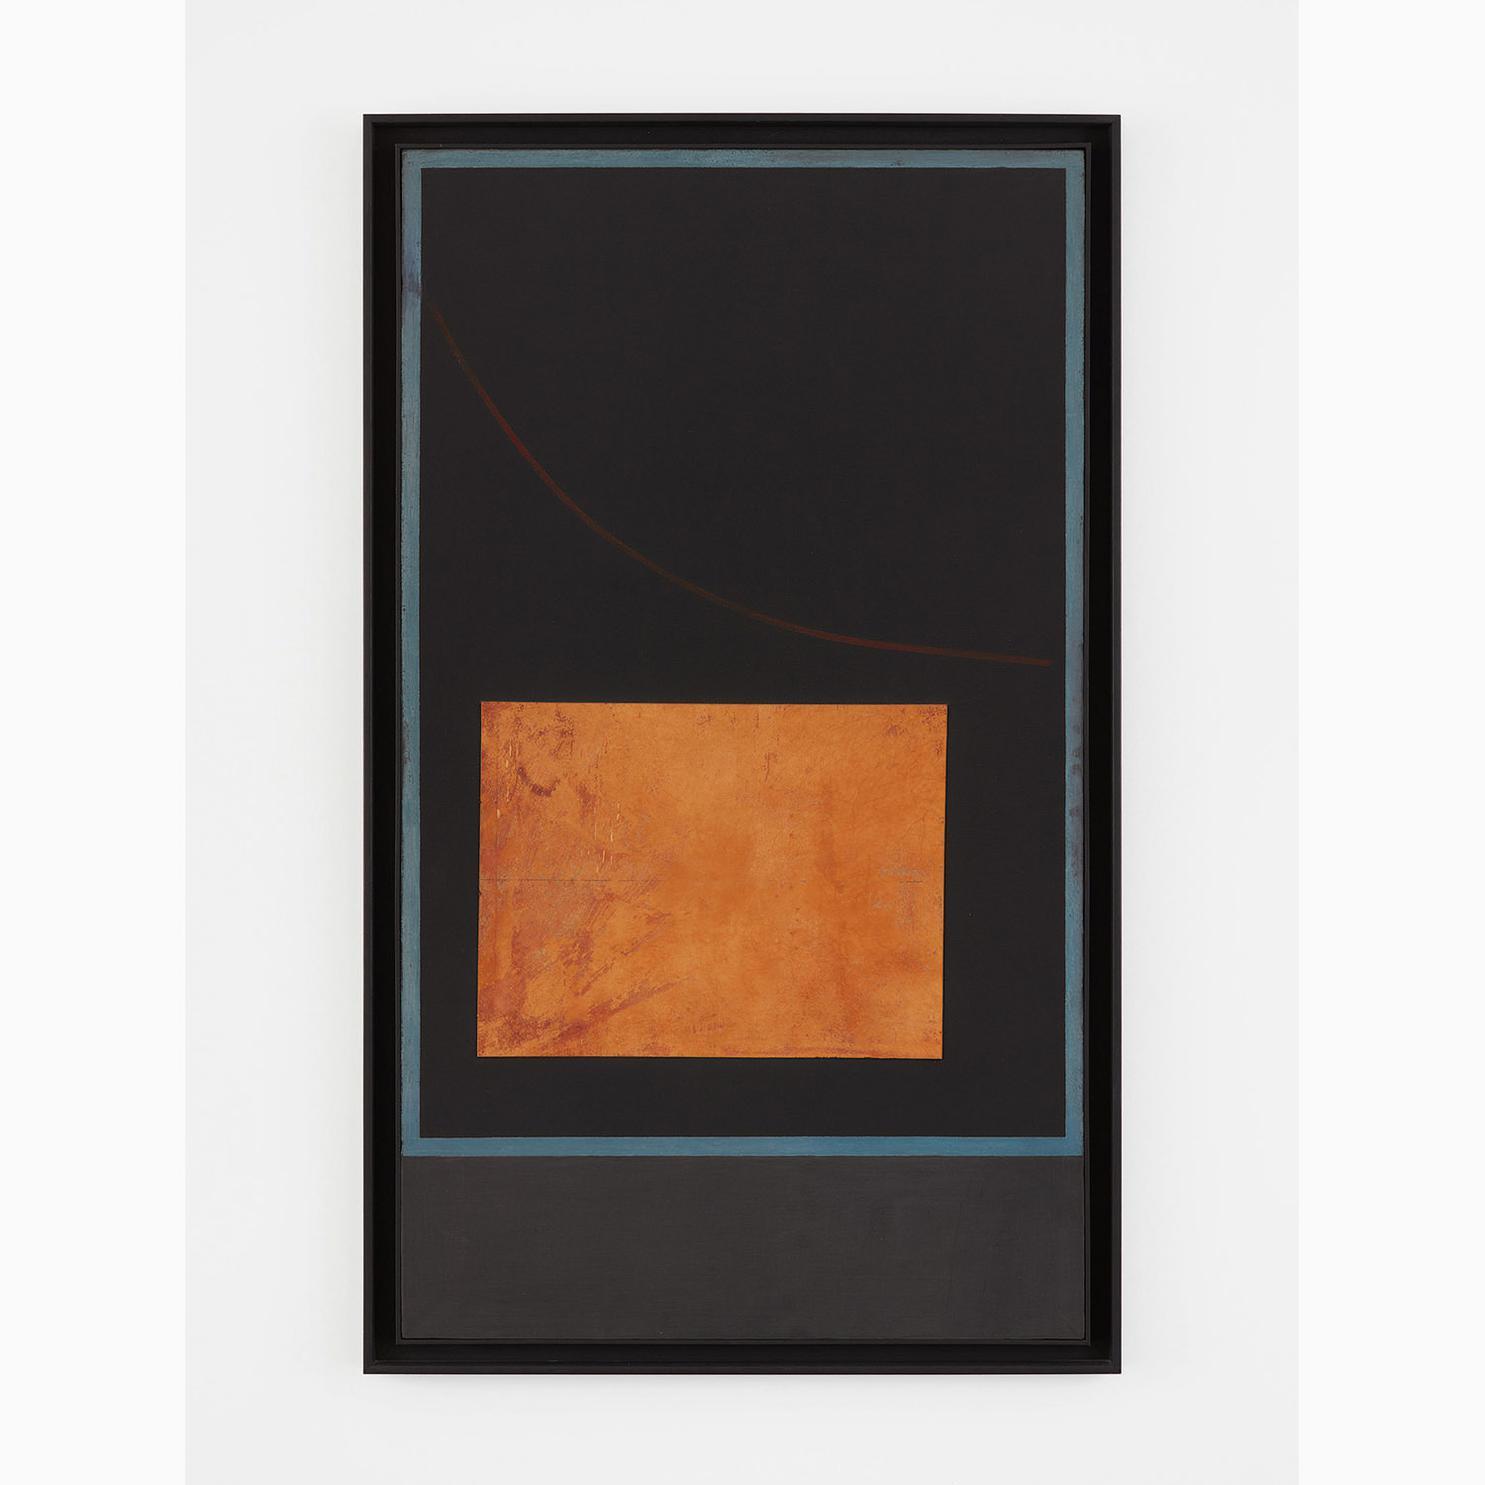 Carol Rama-Luogo E Segni-1976